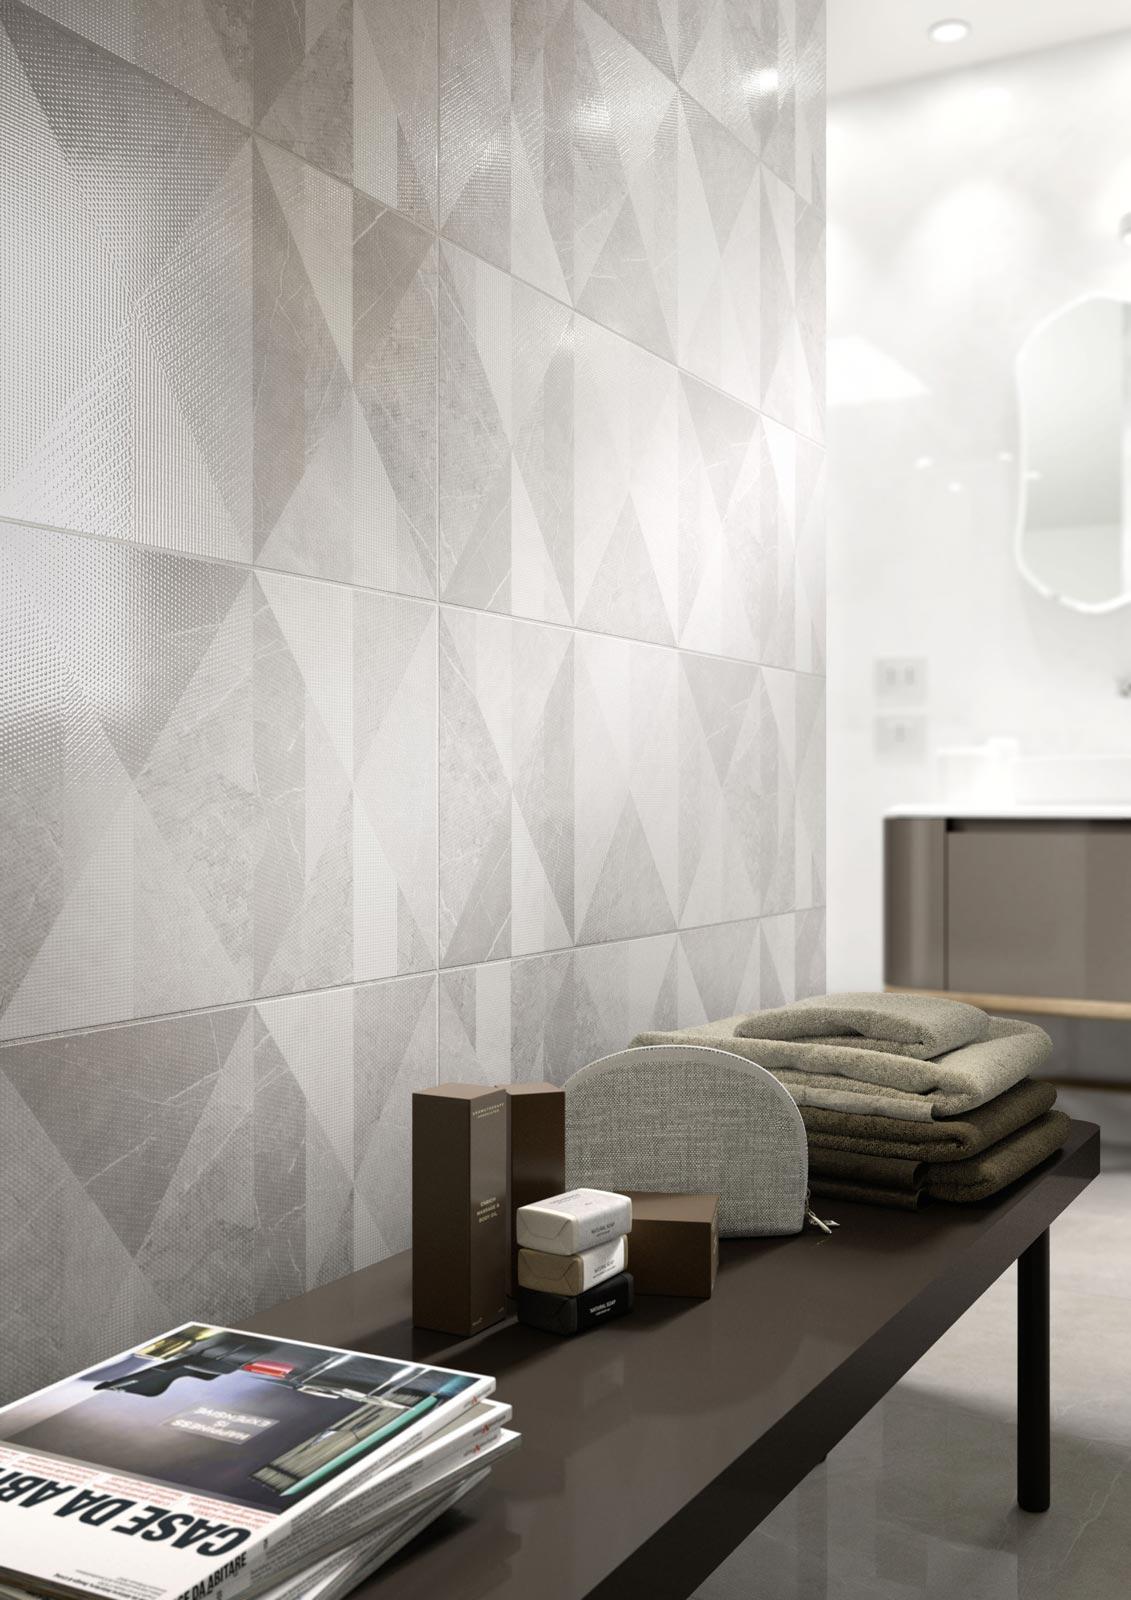 Carrelage imitation marbre: voir les collections : Marazzi